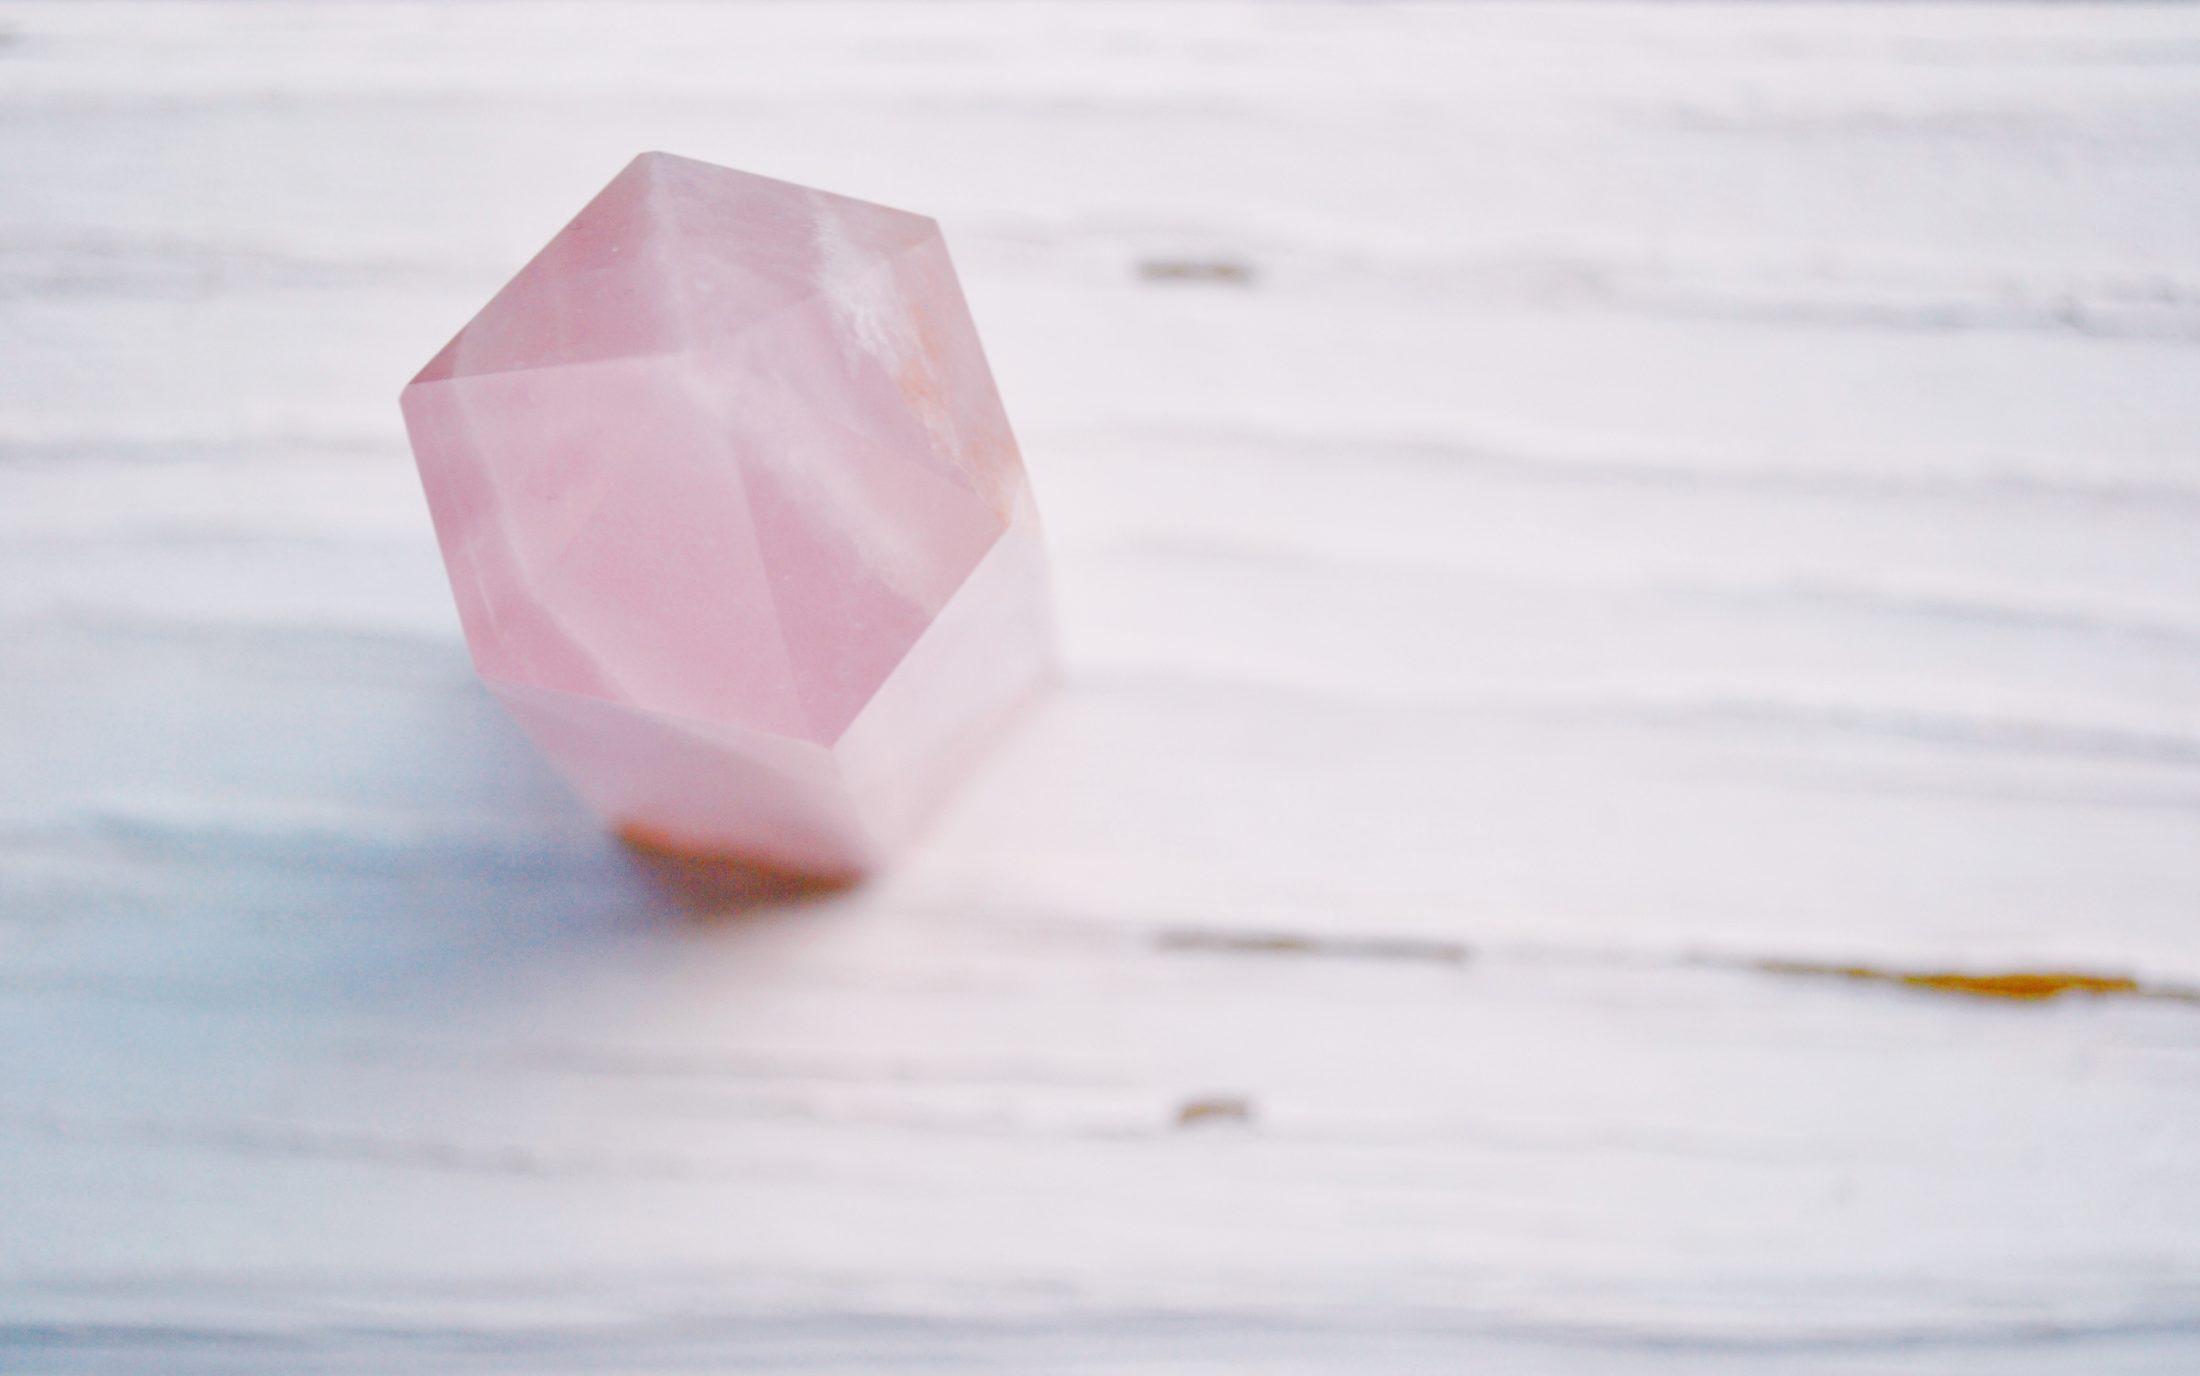 cristal de cura para cachorro em quartzo rosa